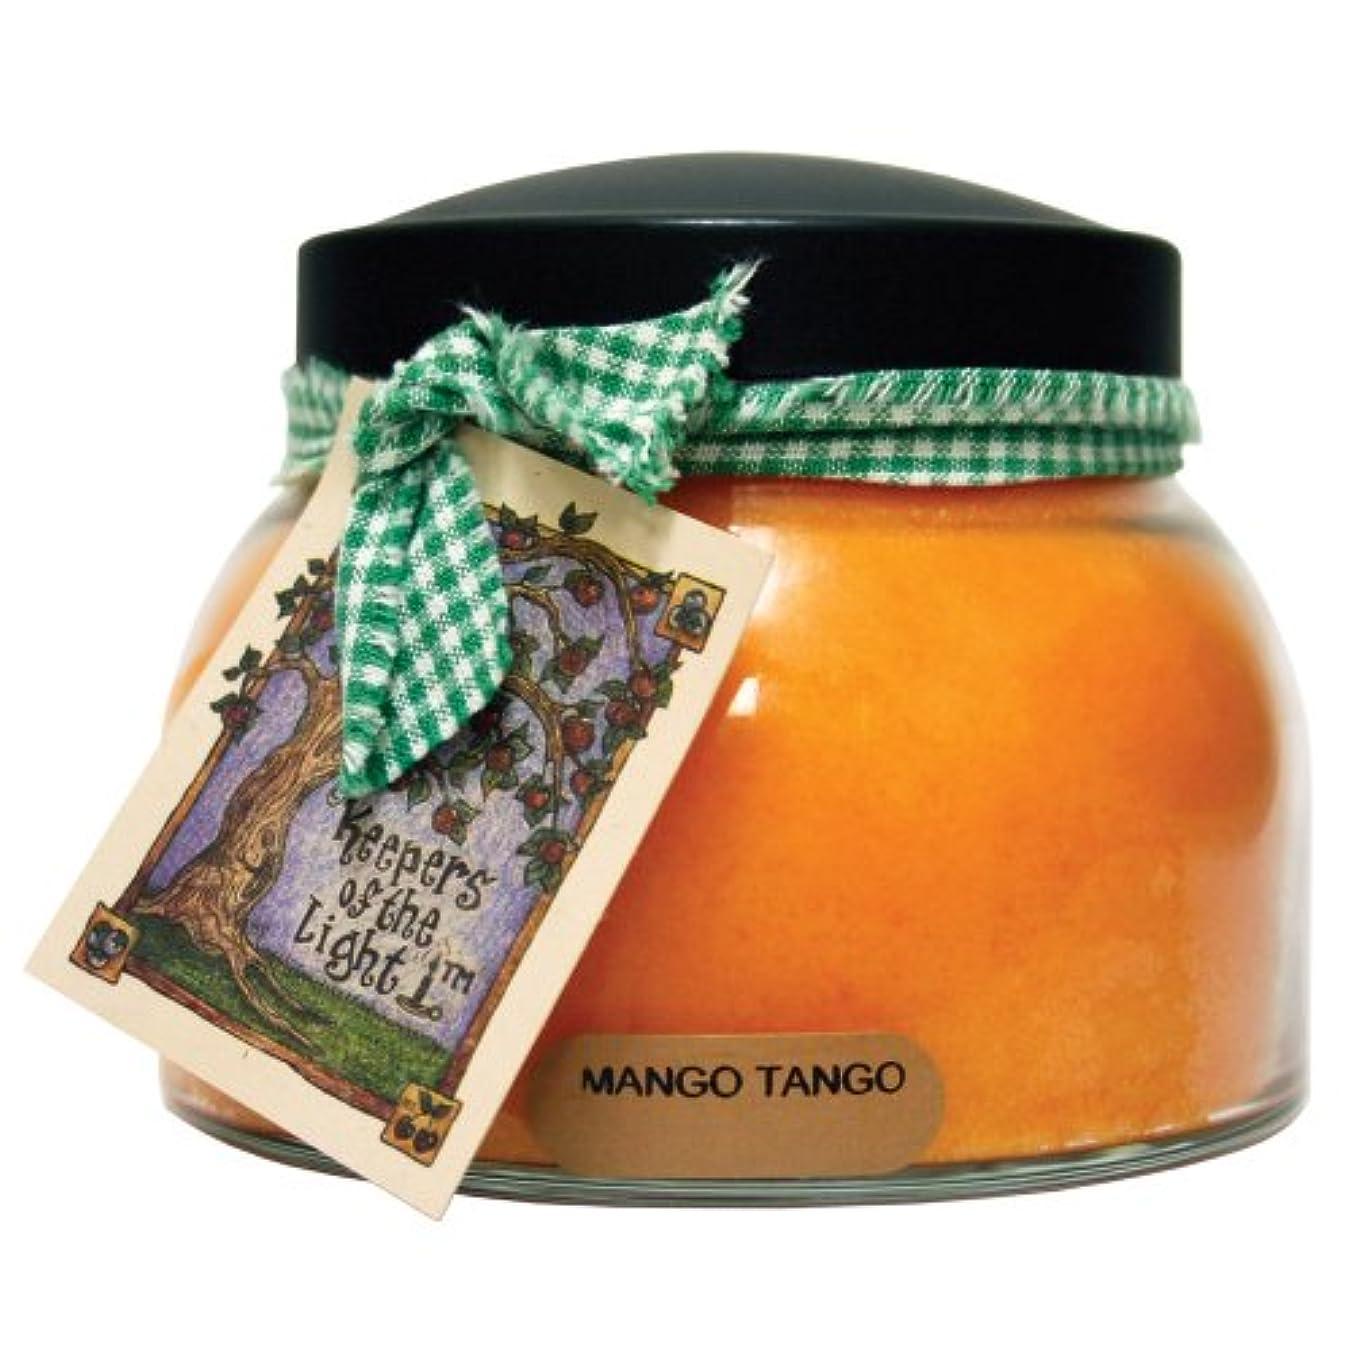 死すべきデジタル寄付するA Cheerful Giver Mango Tango ベイビージャーキャンドル 22oz JM83